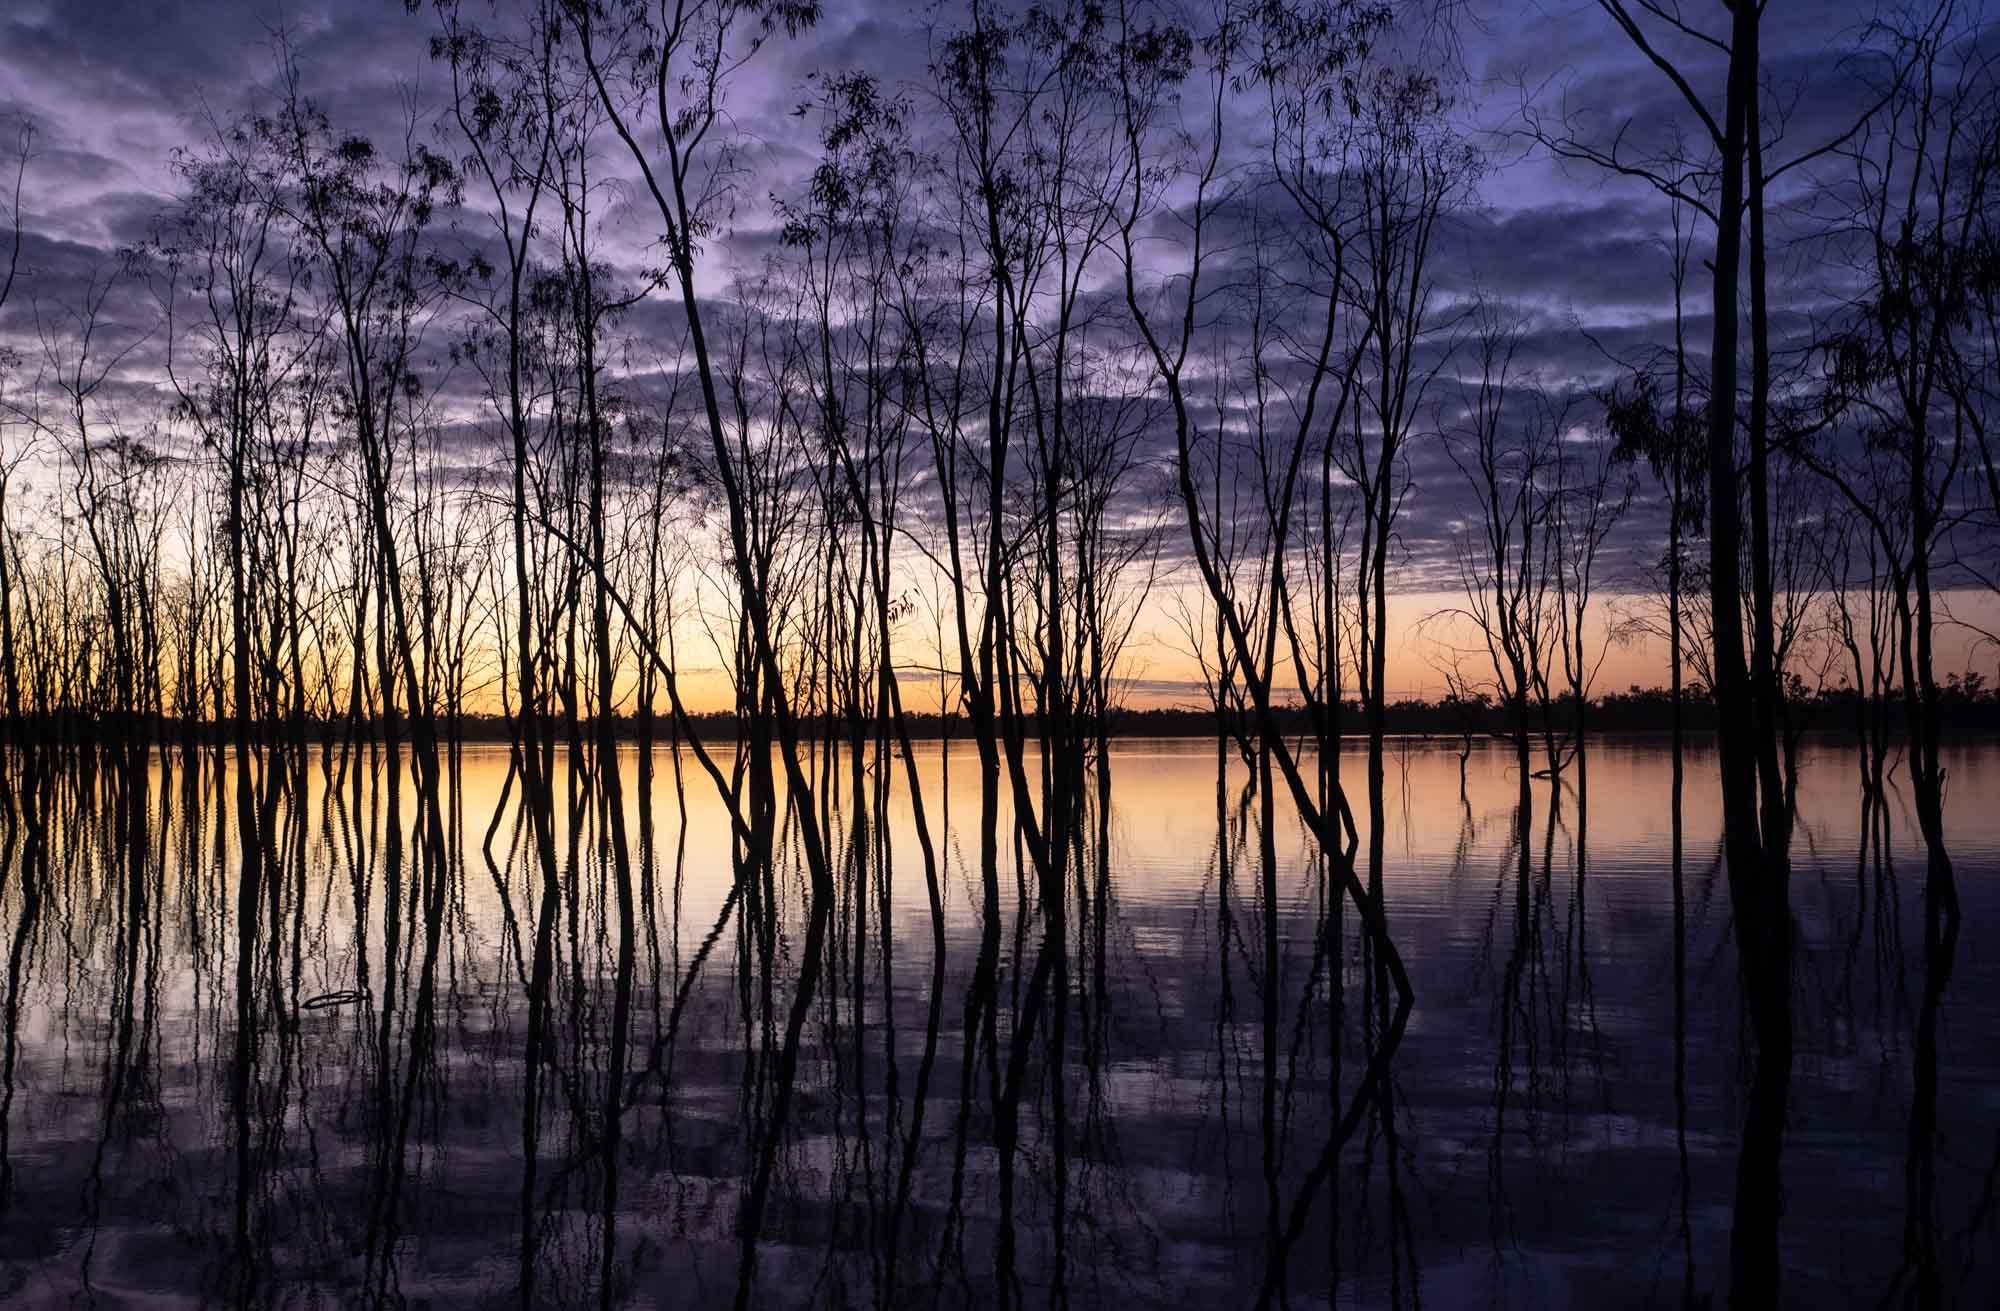 Lake Mournpall, 6:20am